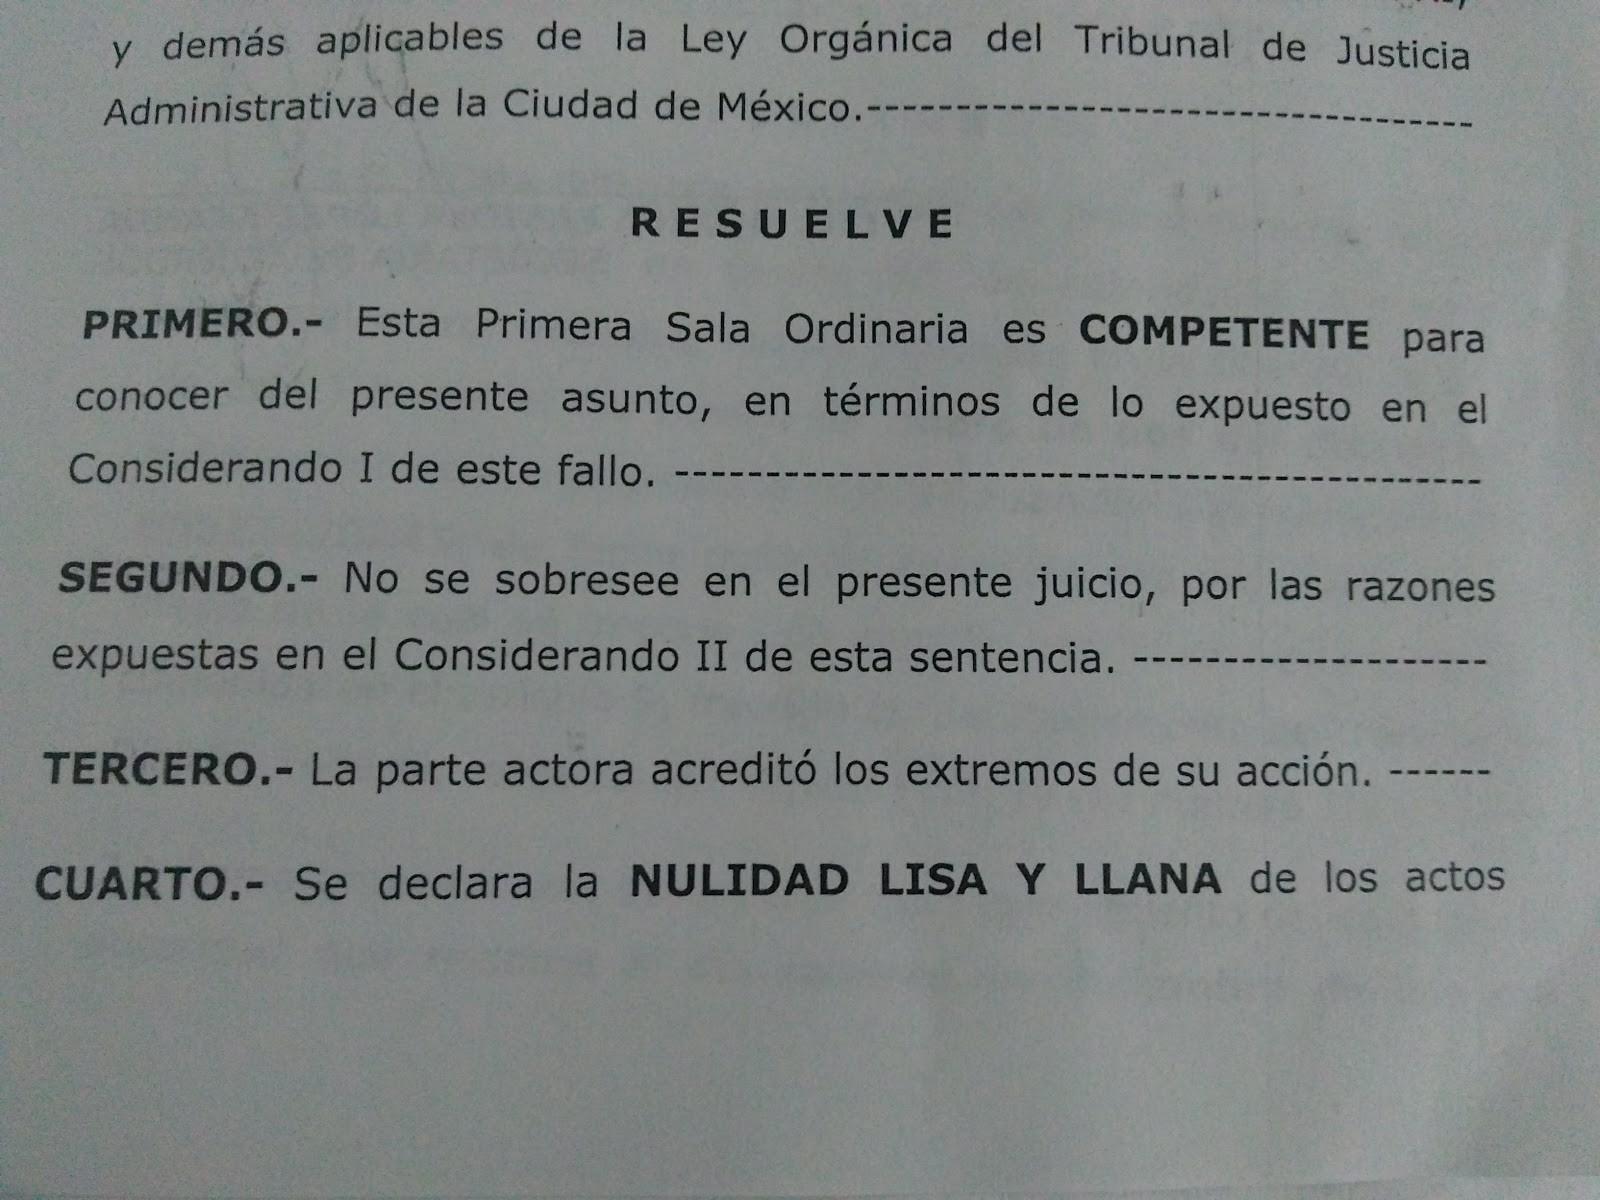 [23] Ley de Amparo Reglamentaria de los artculos 103 y 107 de la Constituci³n Poltica de los Estados Unidos Mexicanos artculo 170